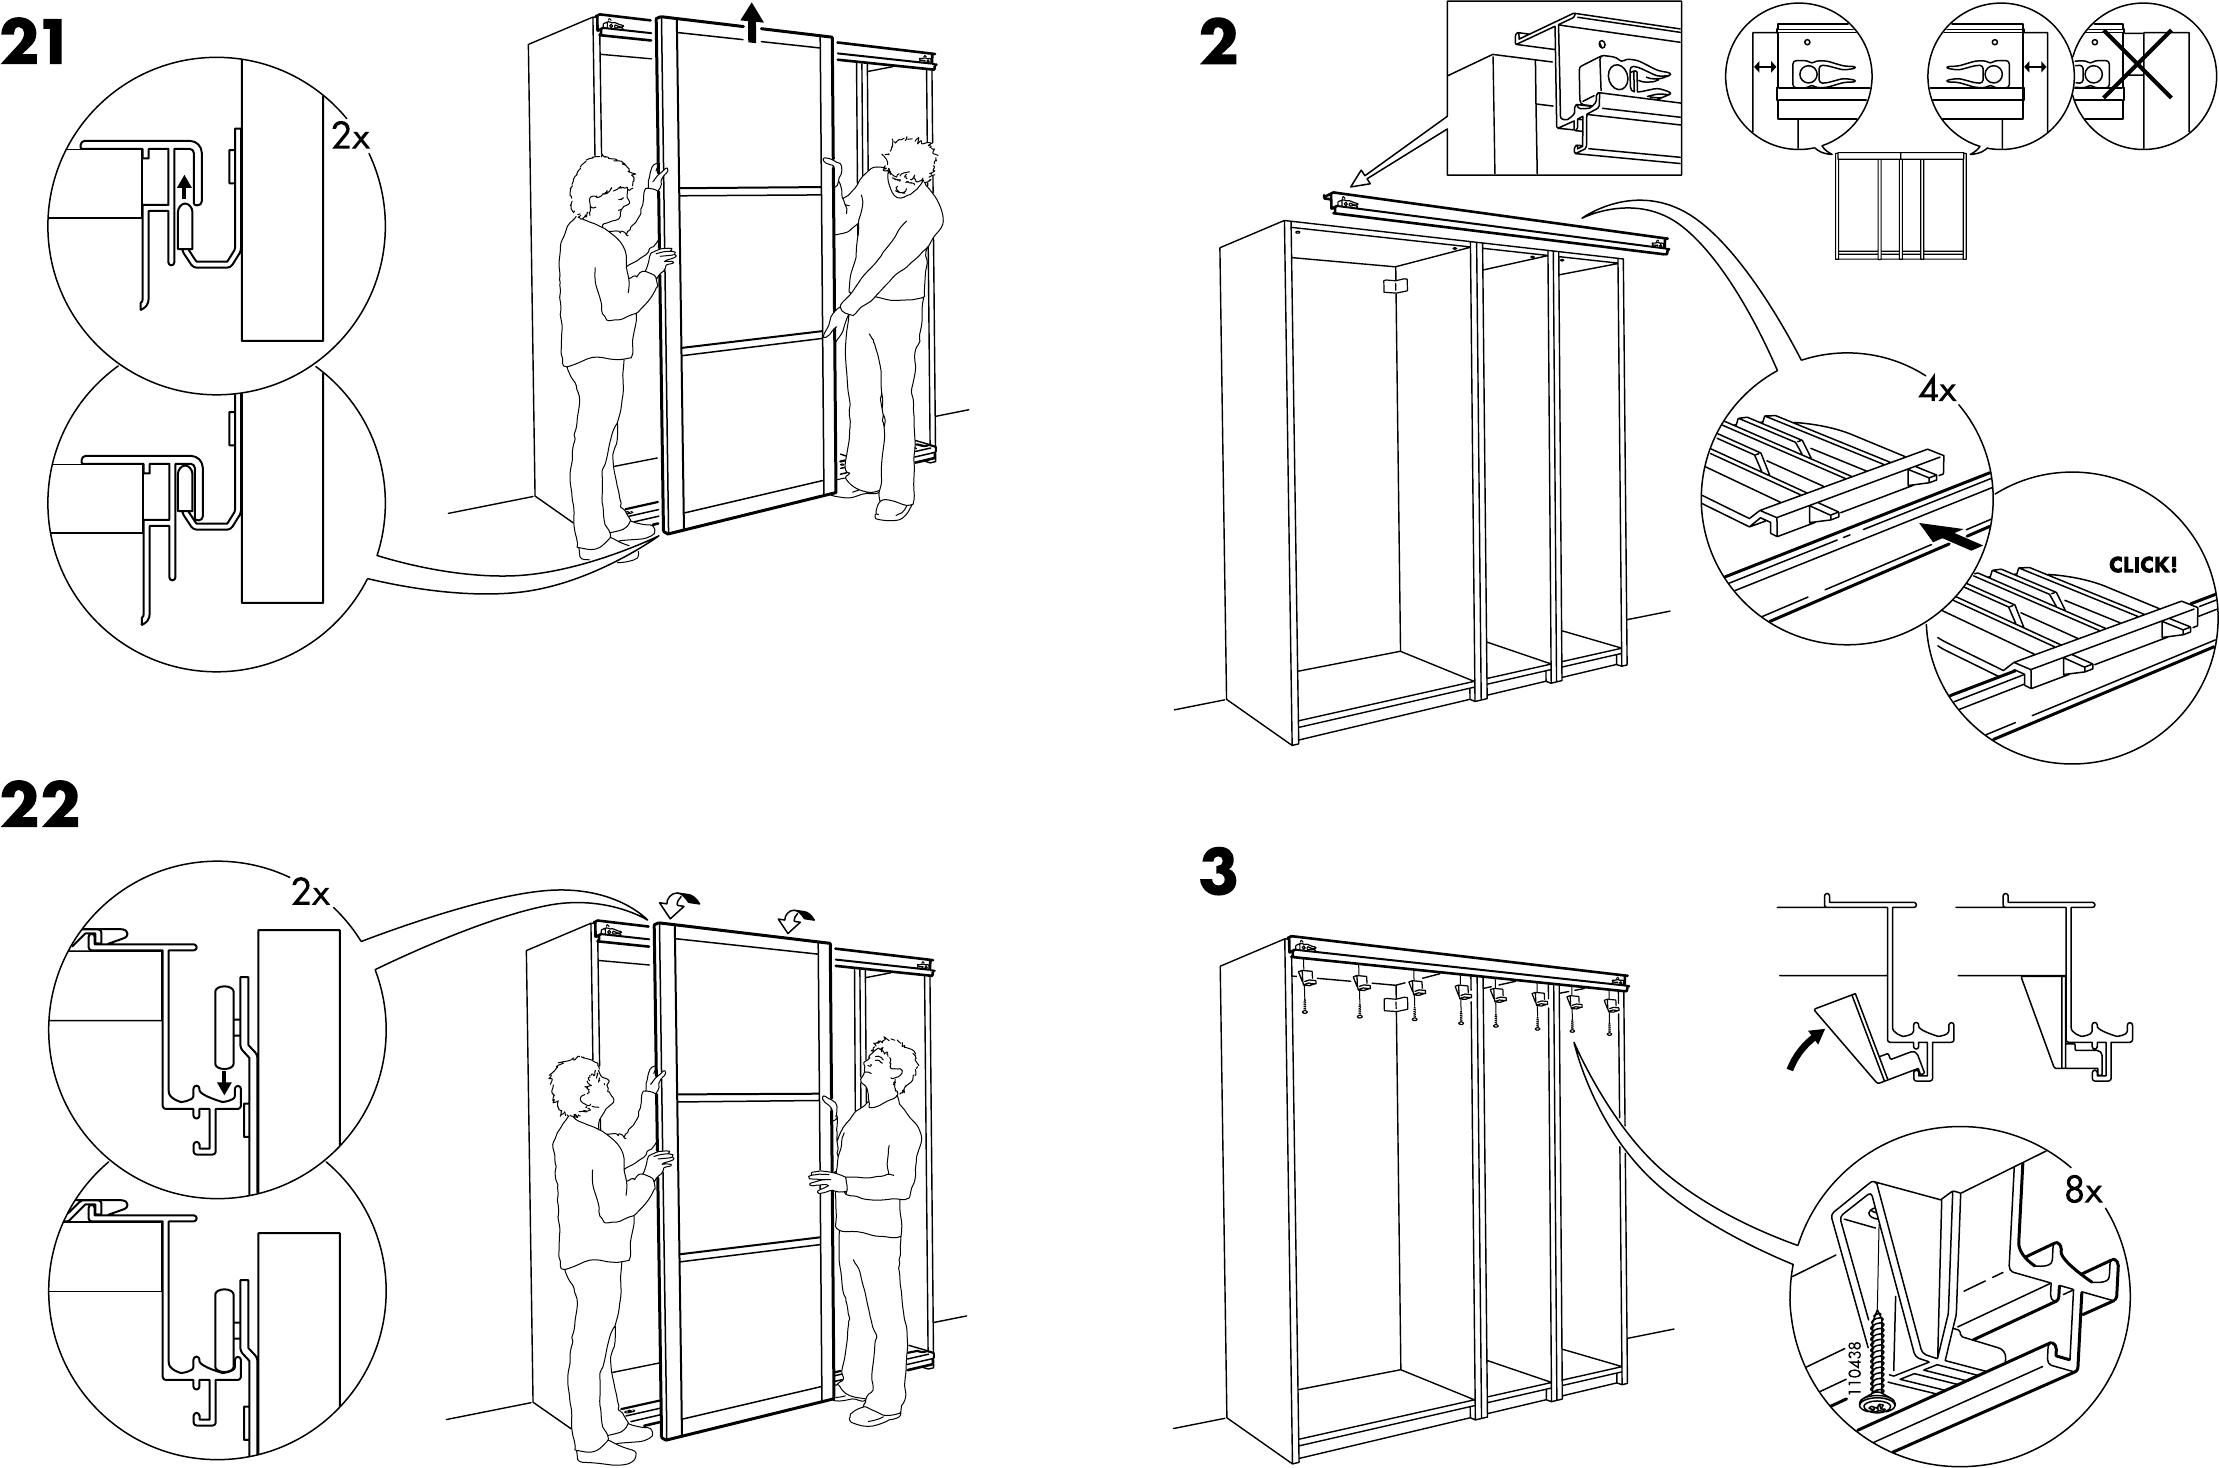 Ikea Schuifdeuren Monteren.Handleiding Ikea Pax Hakadal Schuifdeuren Pagina 6 Van 12 Dansk